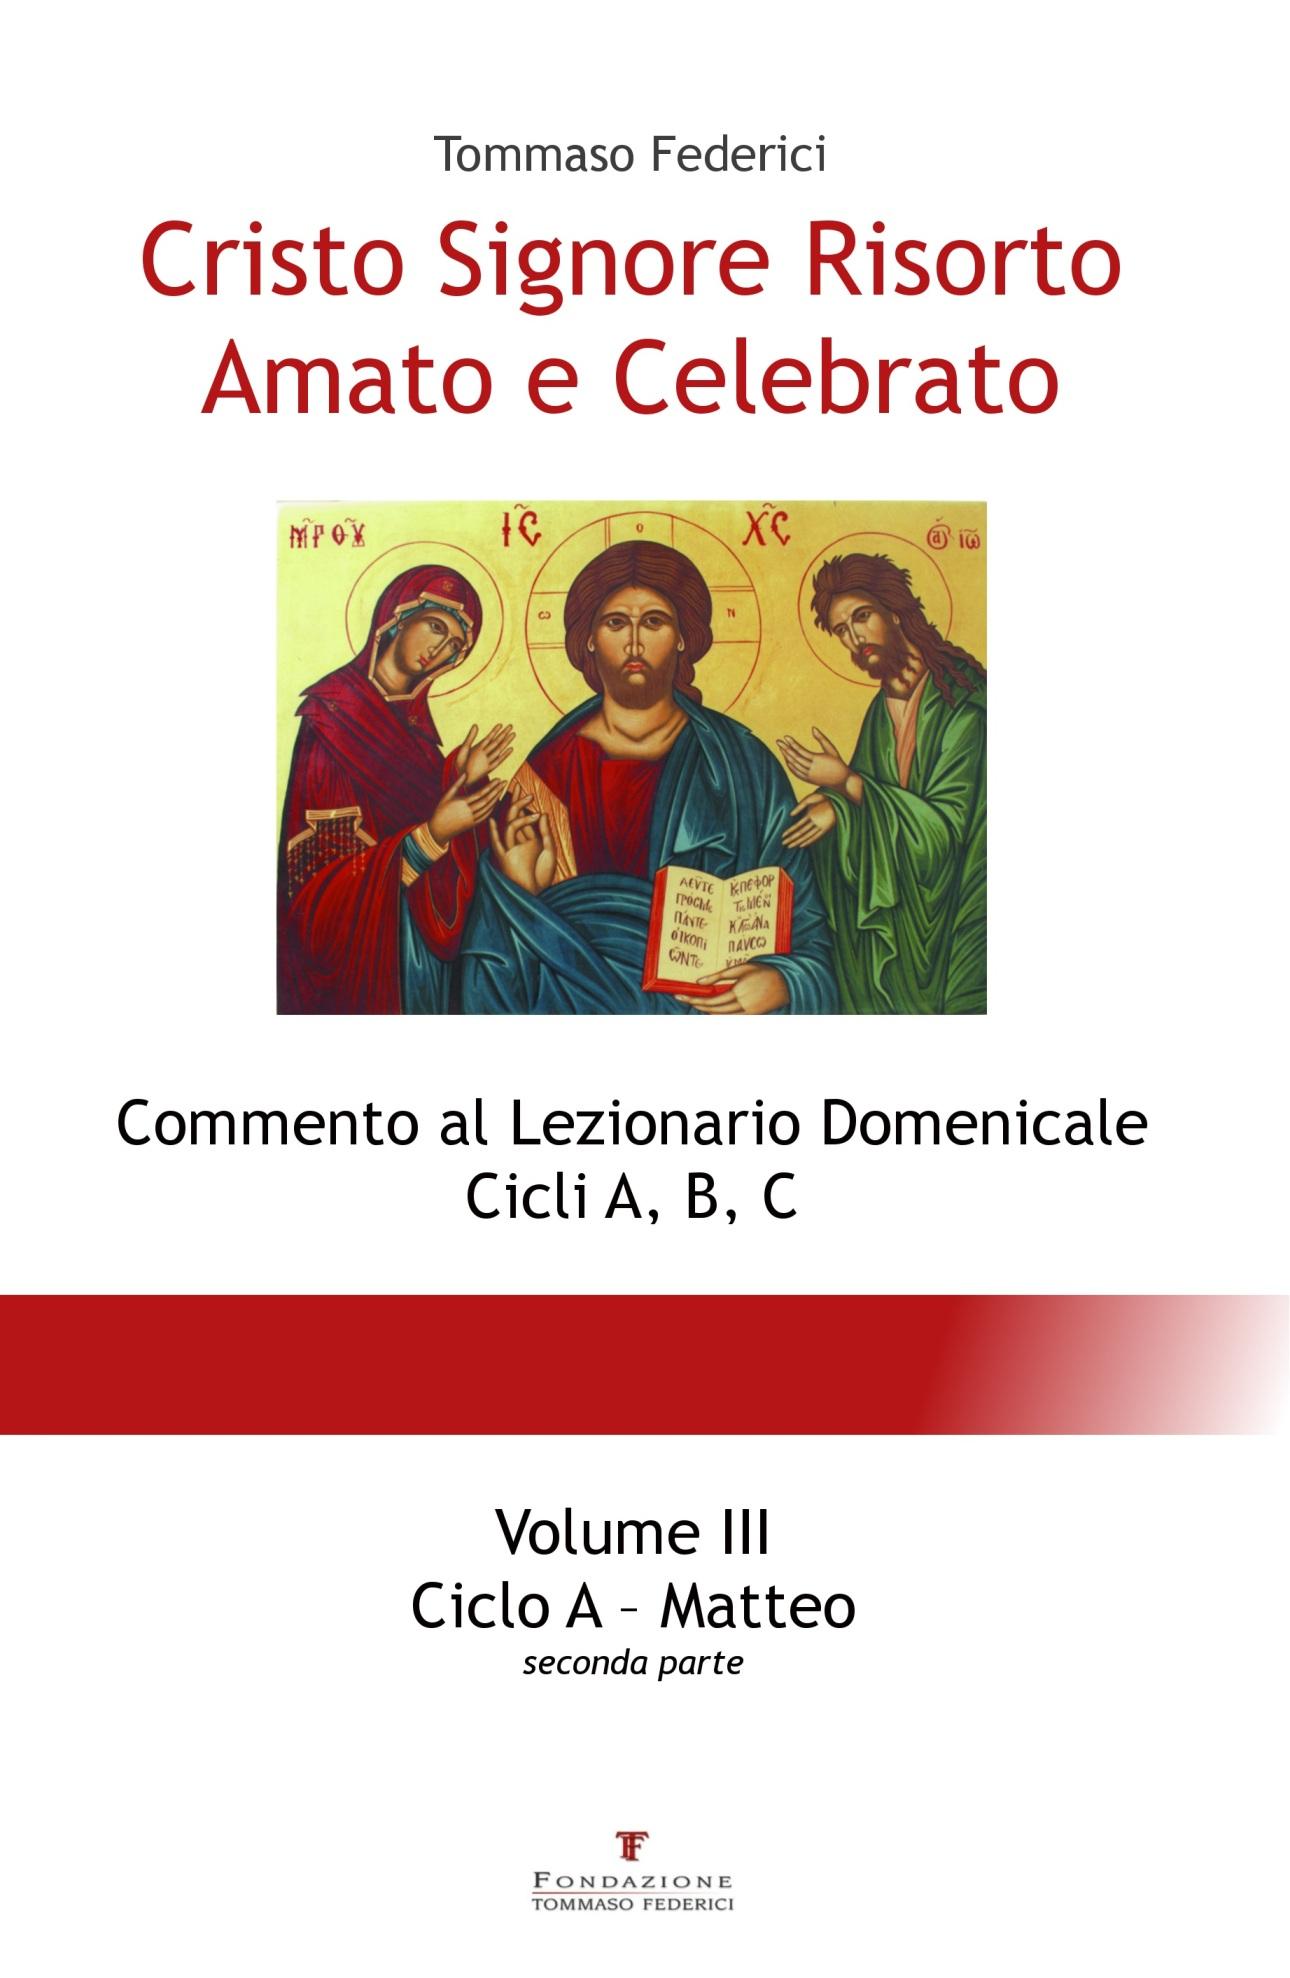 Cristo-Signore-Risorto-Amato-e-Celebrato_Volume-III_Matteo-2p